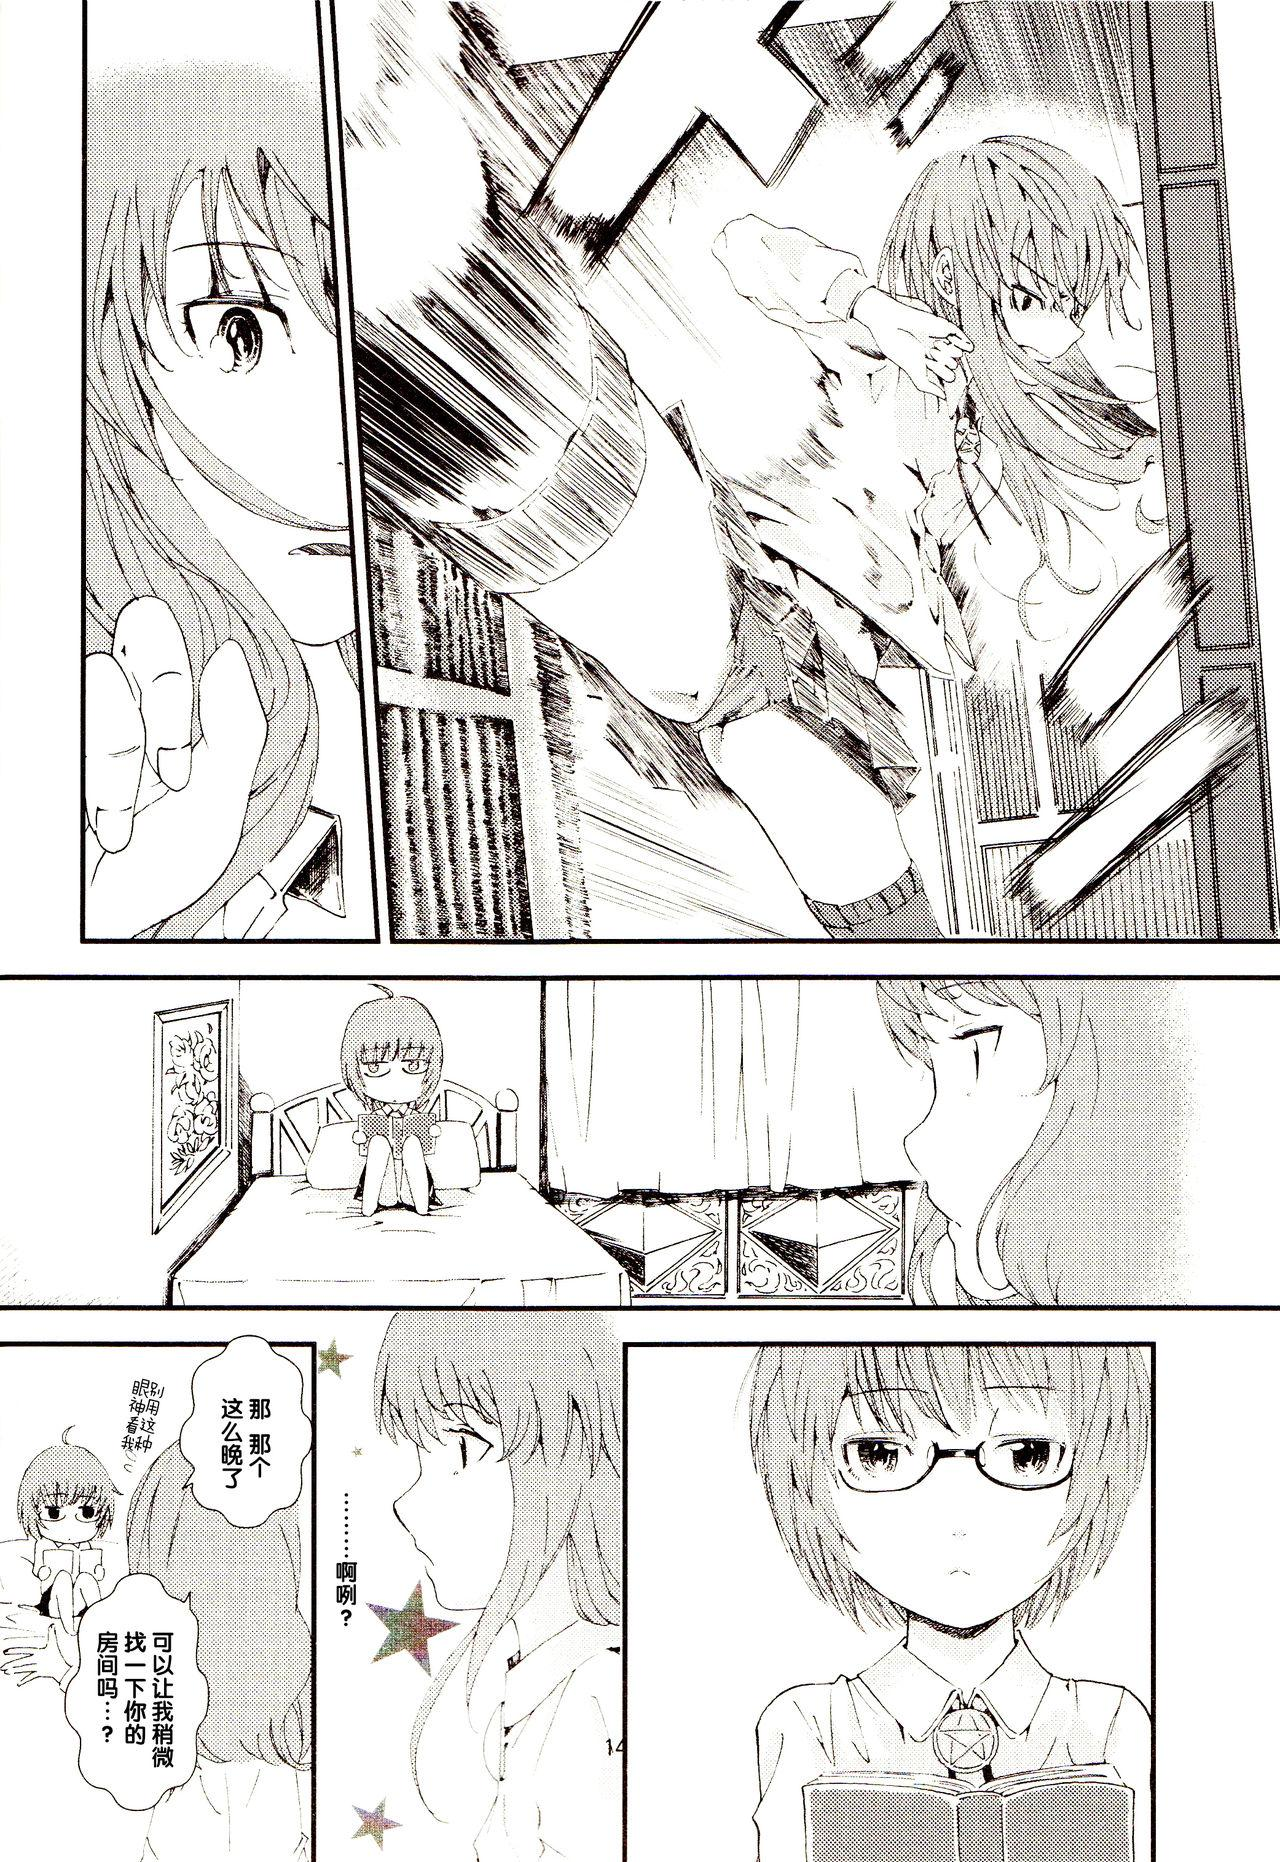 Yukikaze no Tsukaima 2 13